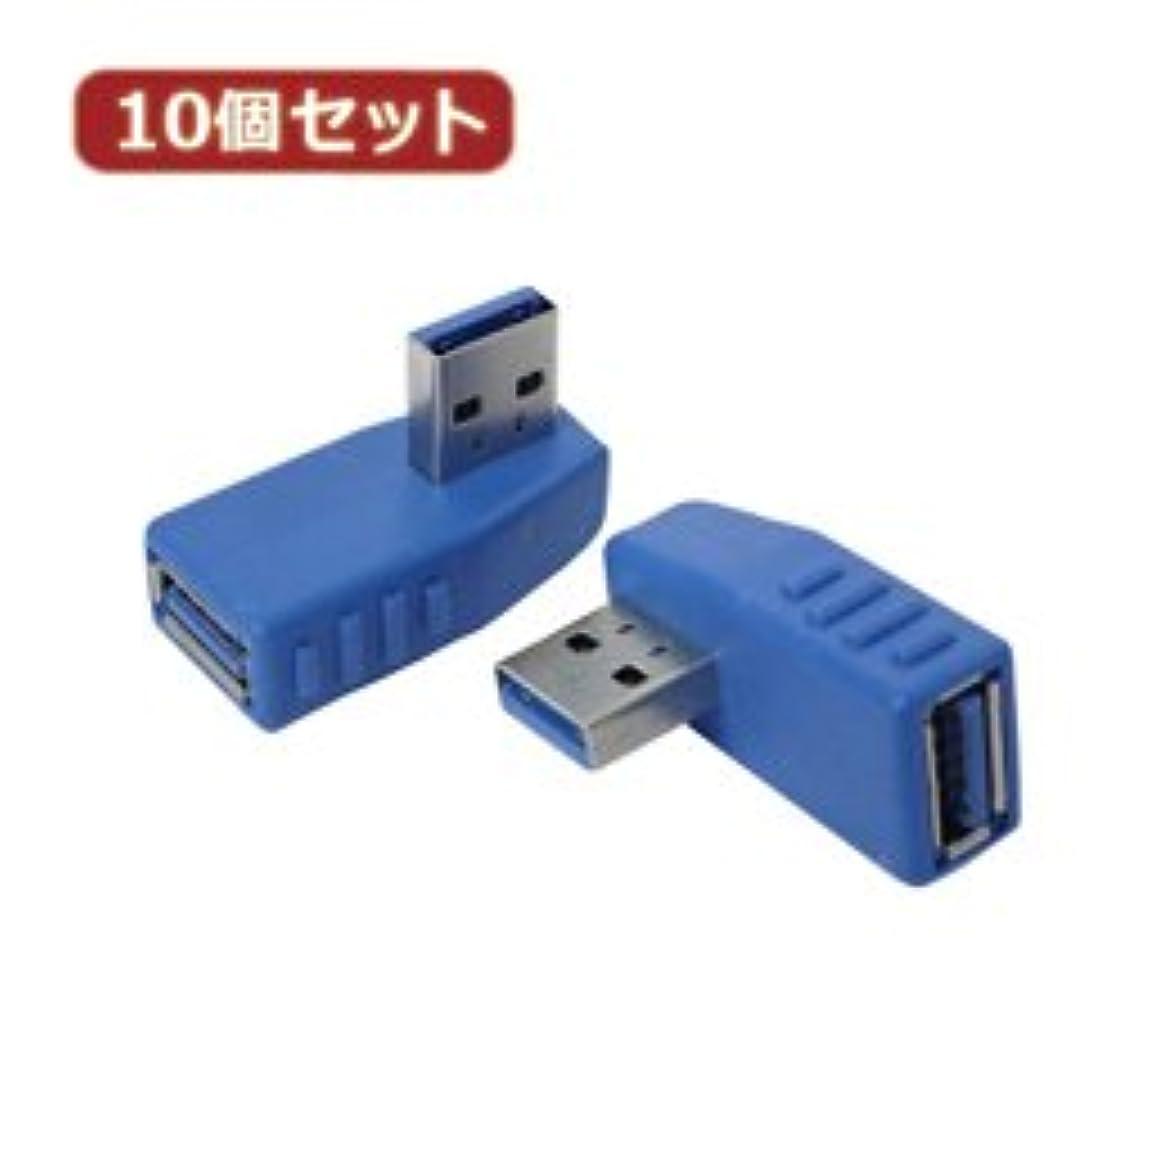 不安定な偽善者評判【まとめ 2セット】 変換名人 10個セット 変換プラグ USB3.0 A左L型 USB3A-LLX10